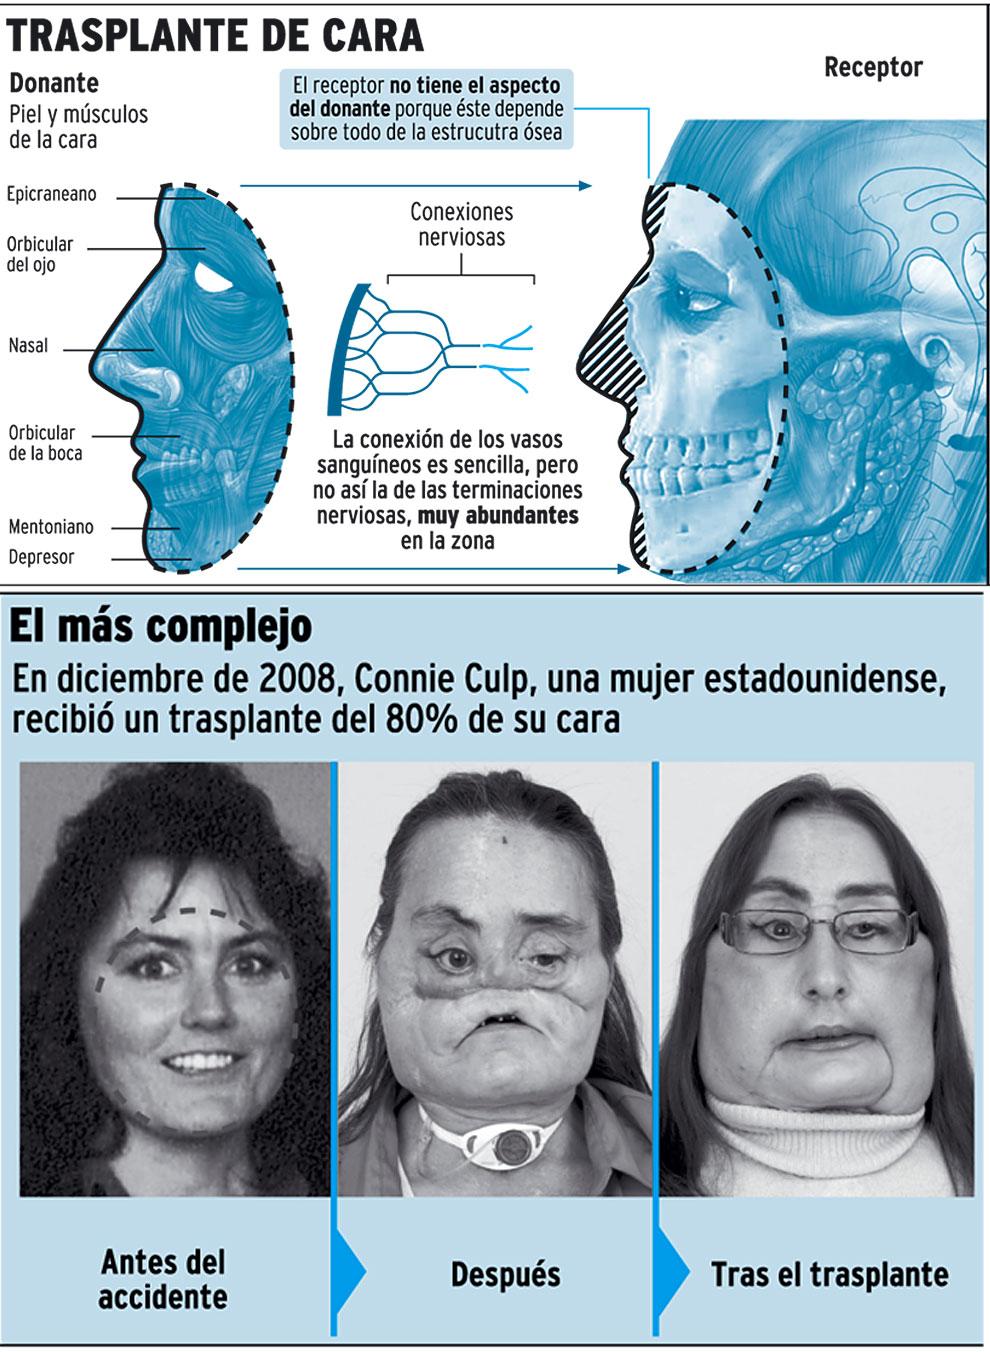 El primer trasplante de cara en el hospital la fe de valencia - La nueva fe de valencia ...